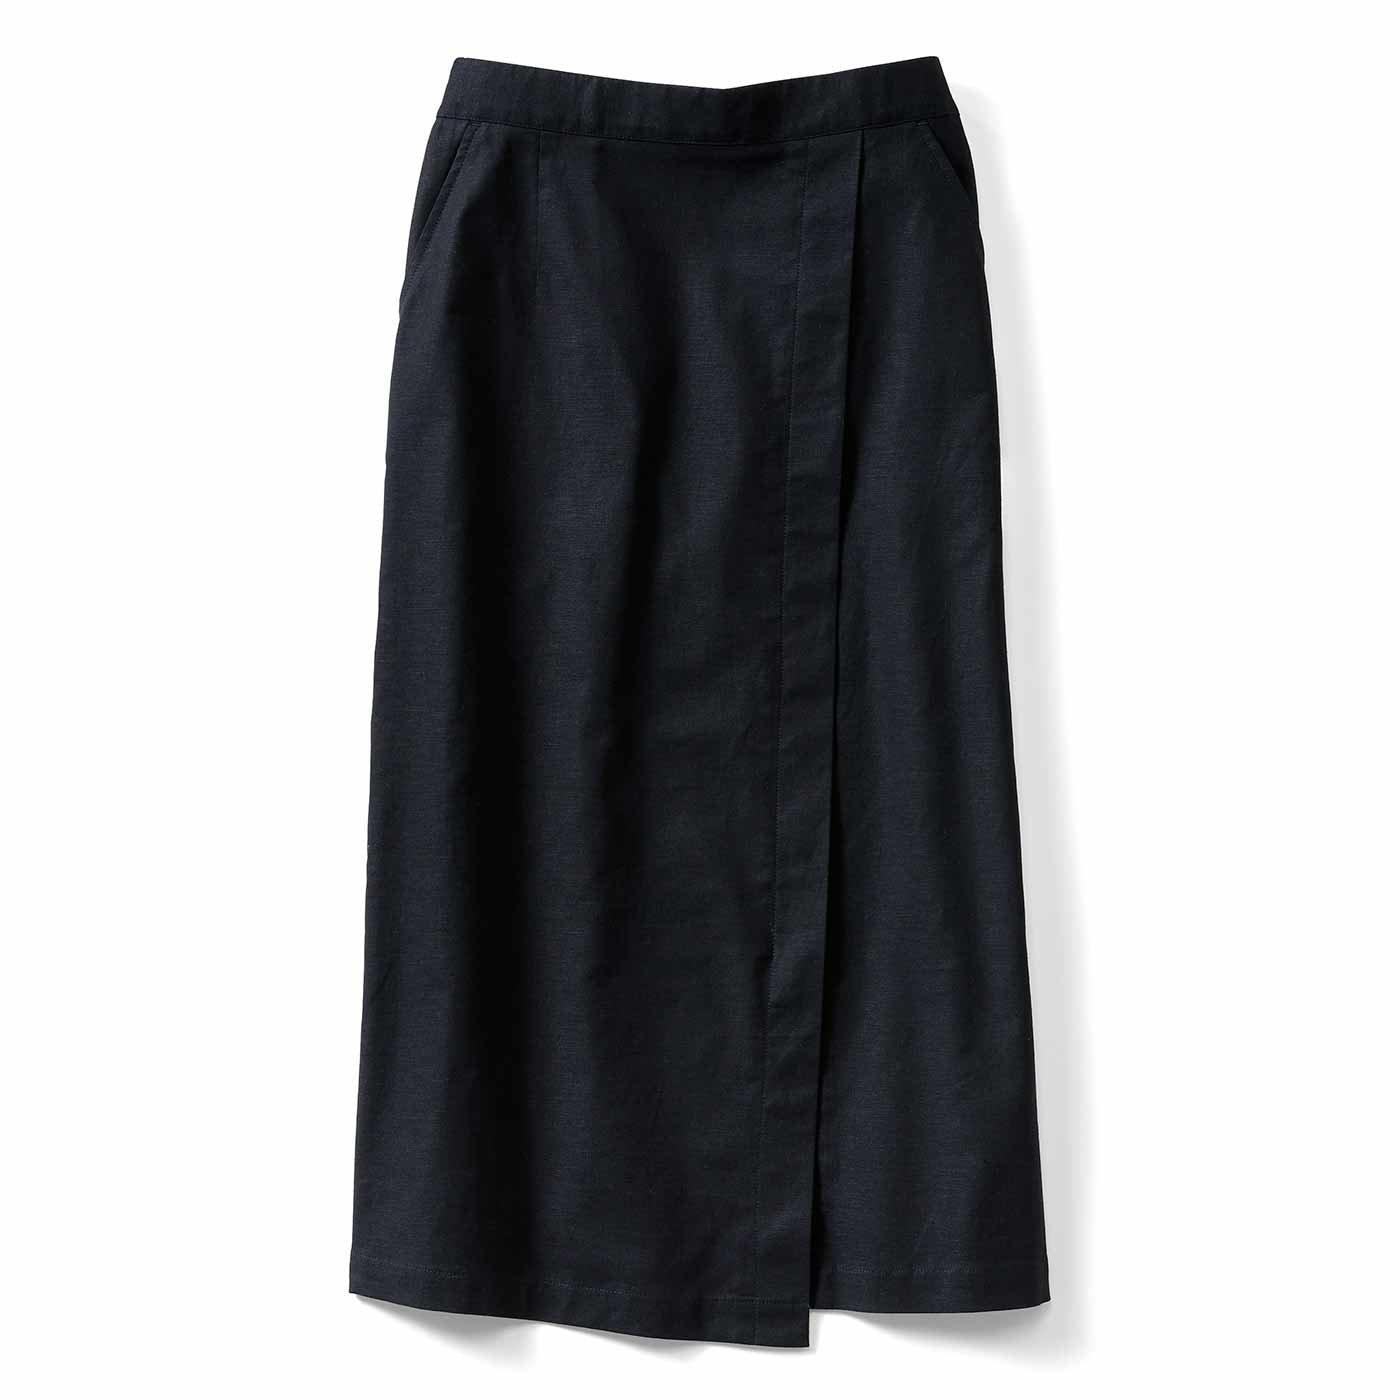 IEDIT[イディット] コーディネイトをすっきり見せてくれる ストレッチ麻混素材の切り替えIラインスカート〈ブラック〉